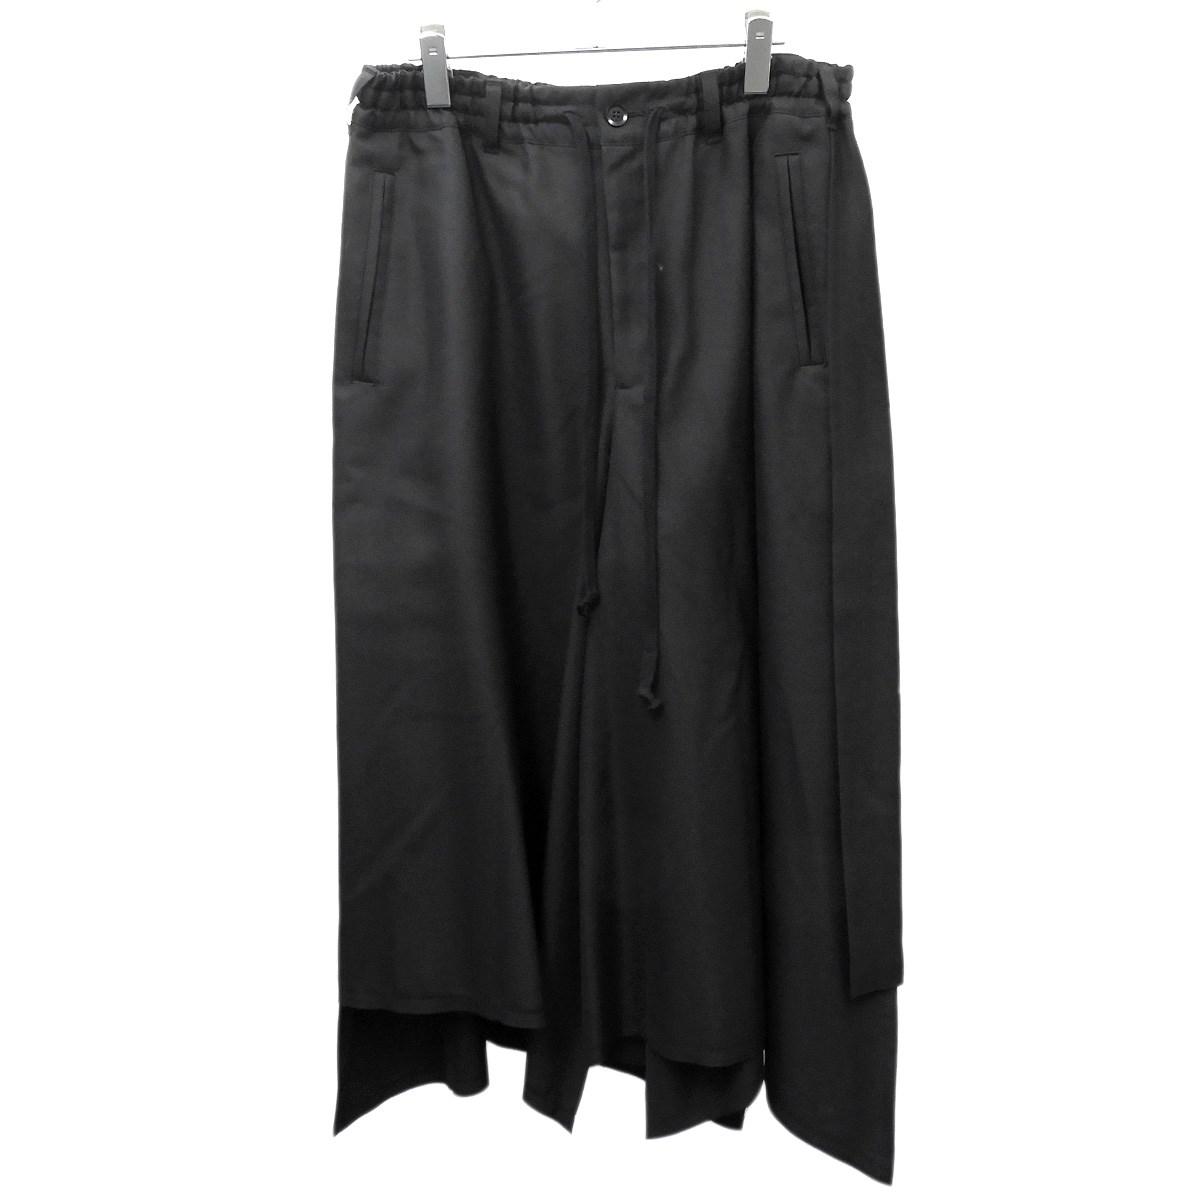 【中古】Ground Y スカートパンツ ブラック サイズ:3 【120320】(グラウンドワイ)